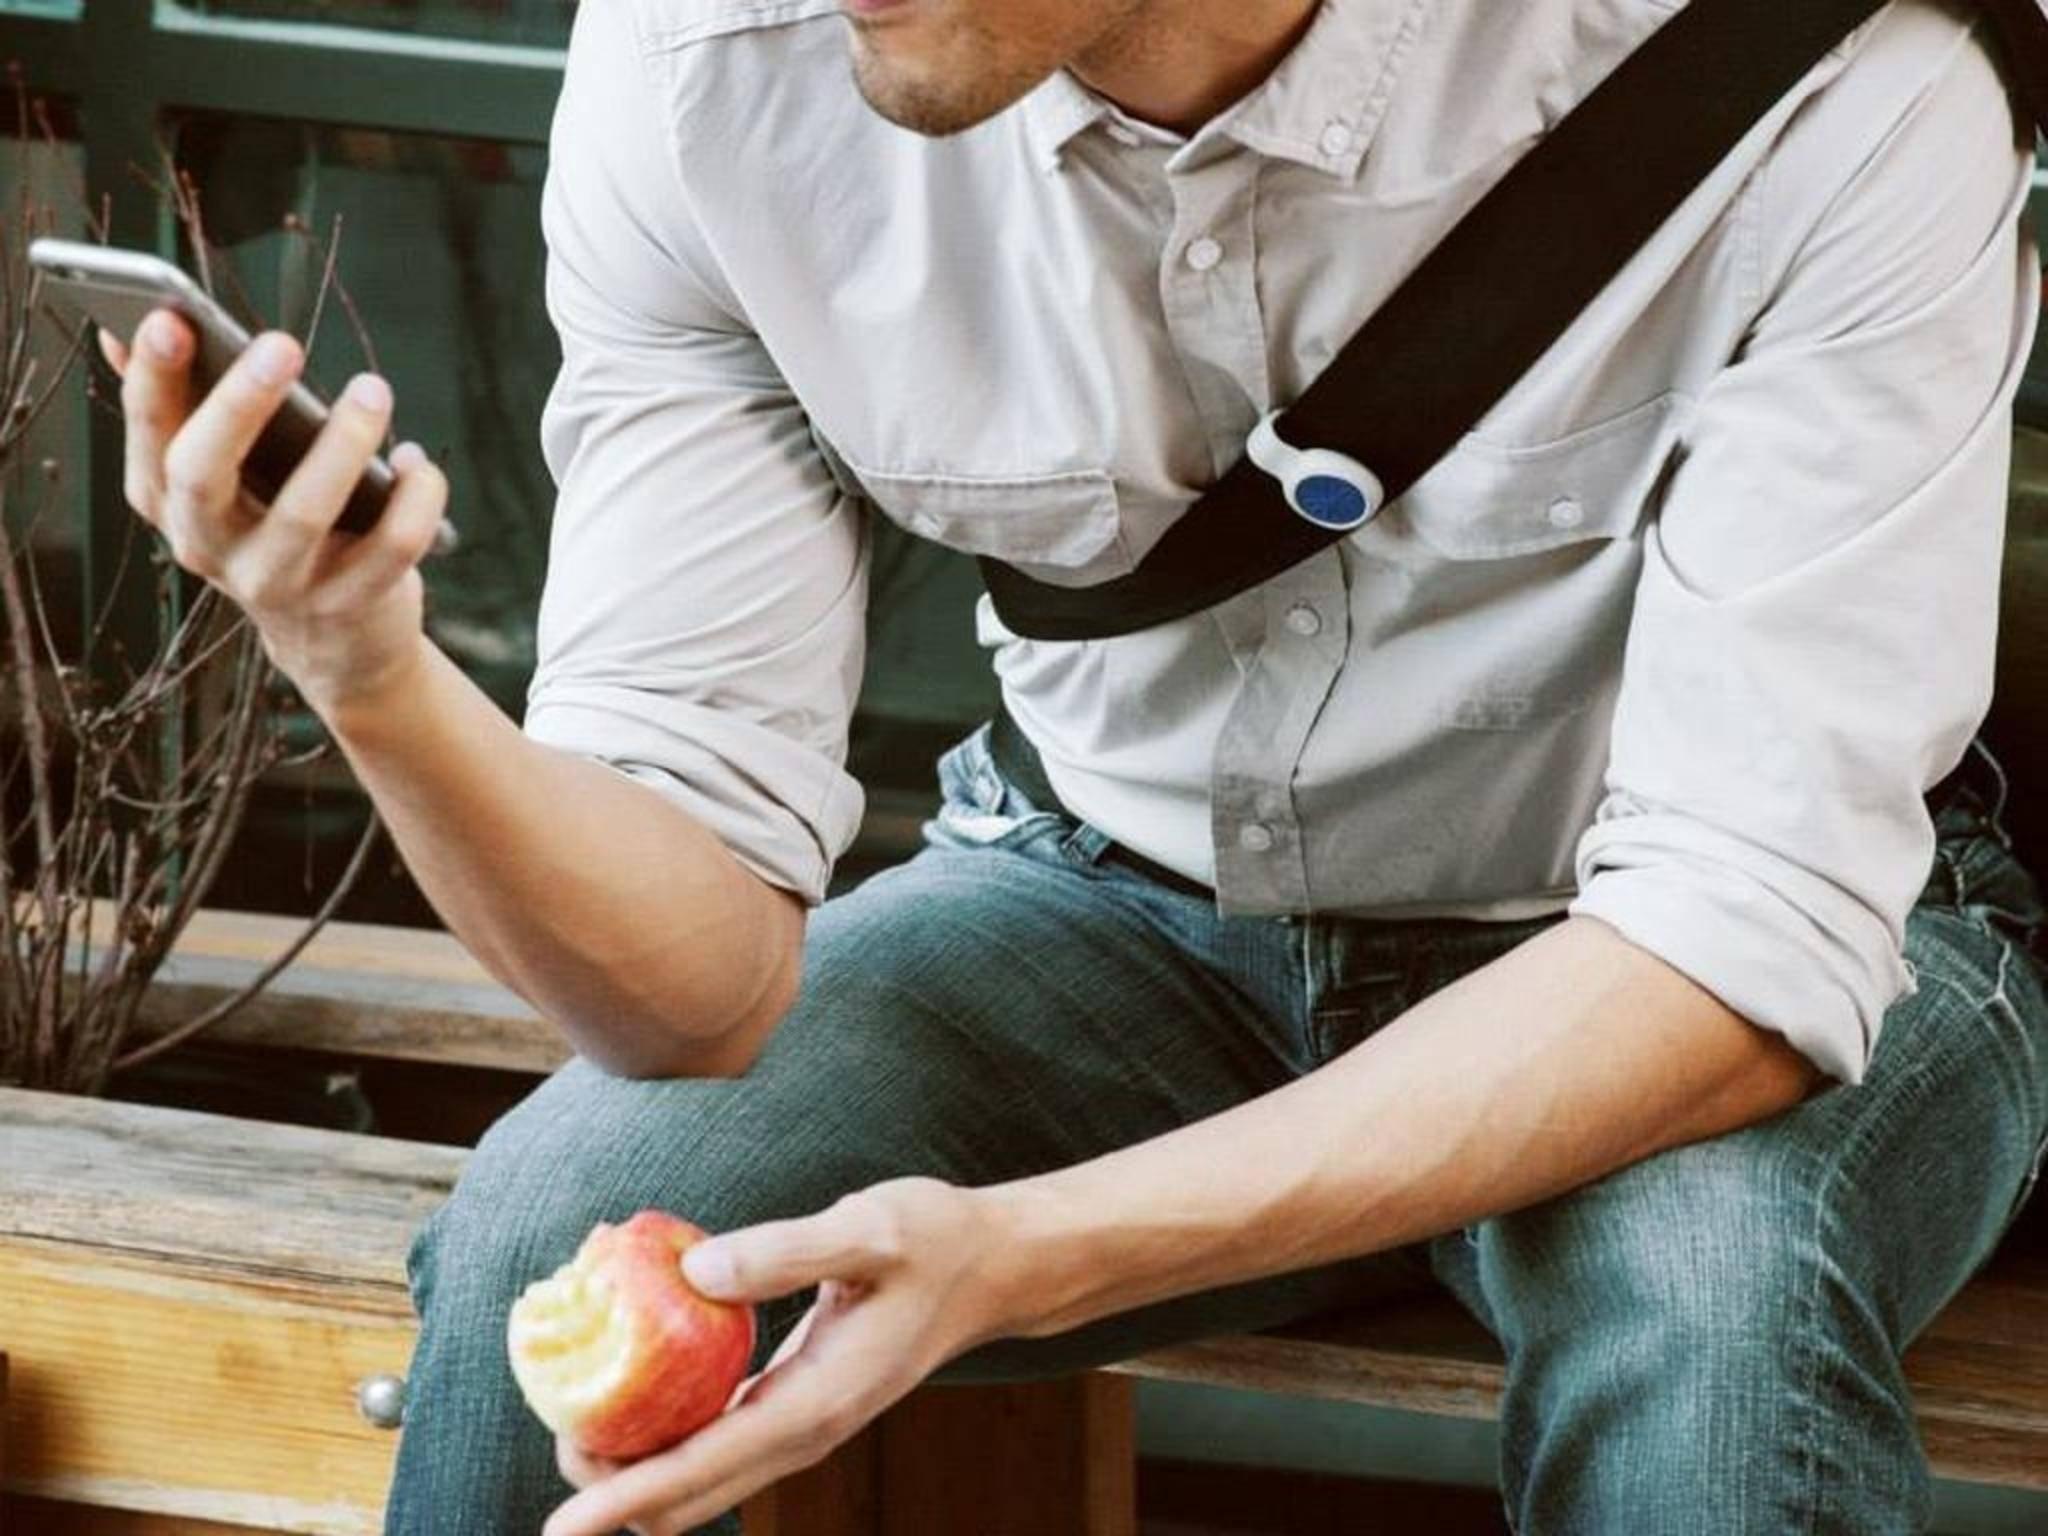 Immer mehr Deutsche trainieren ihre Fitness mit dem Smartphone.